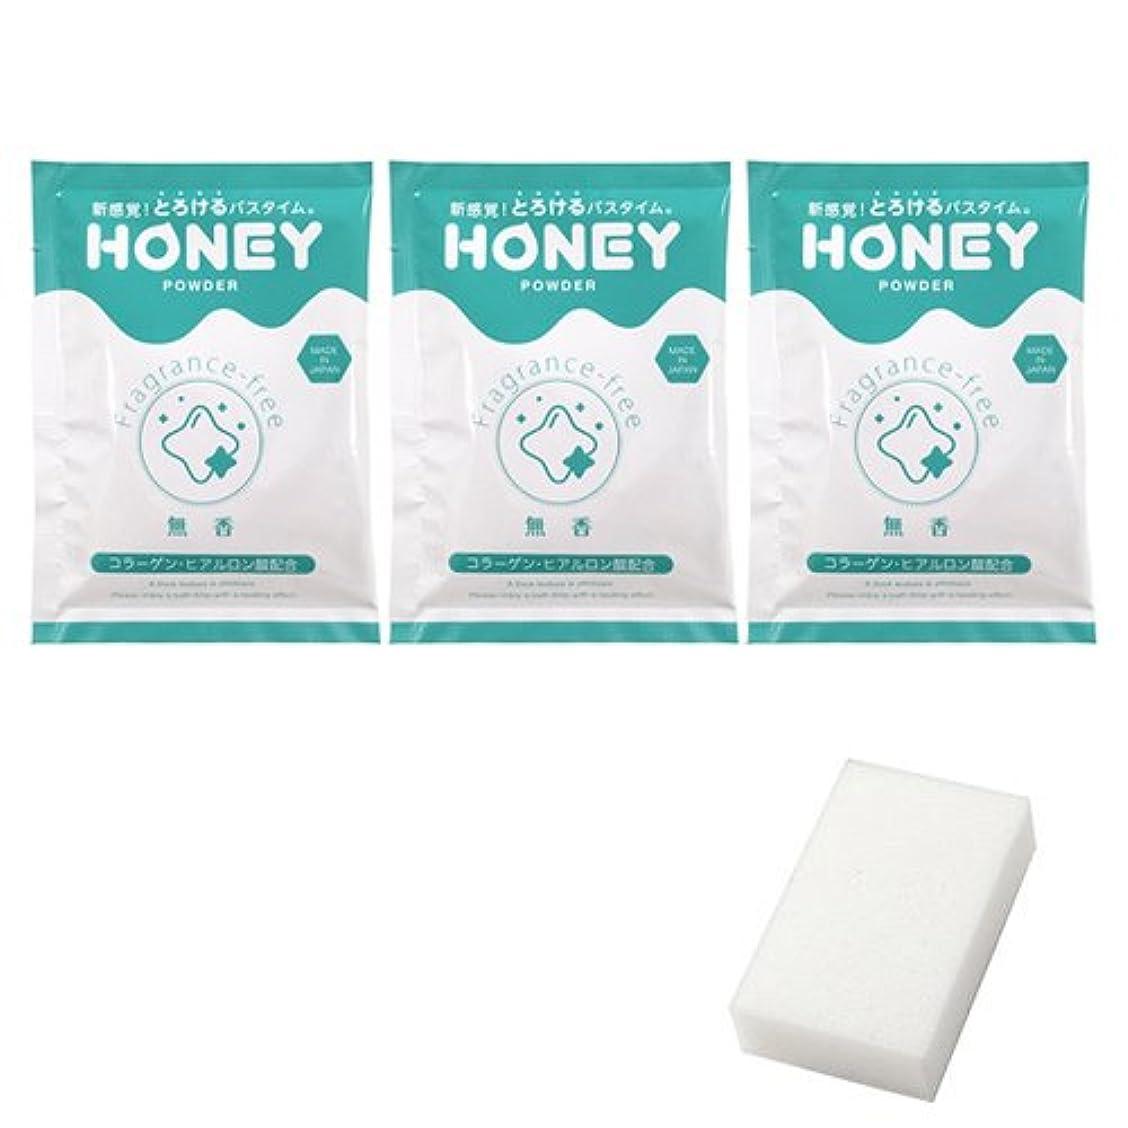 クルー肉の俳句とろとろ入浴剤【honey powder】(ハニーパウダー) 無香タイプ 3個セット + 圧縮スポンジセット